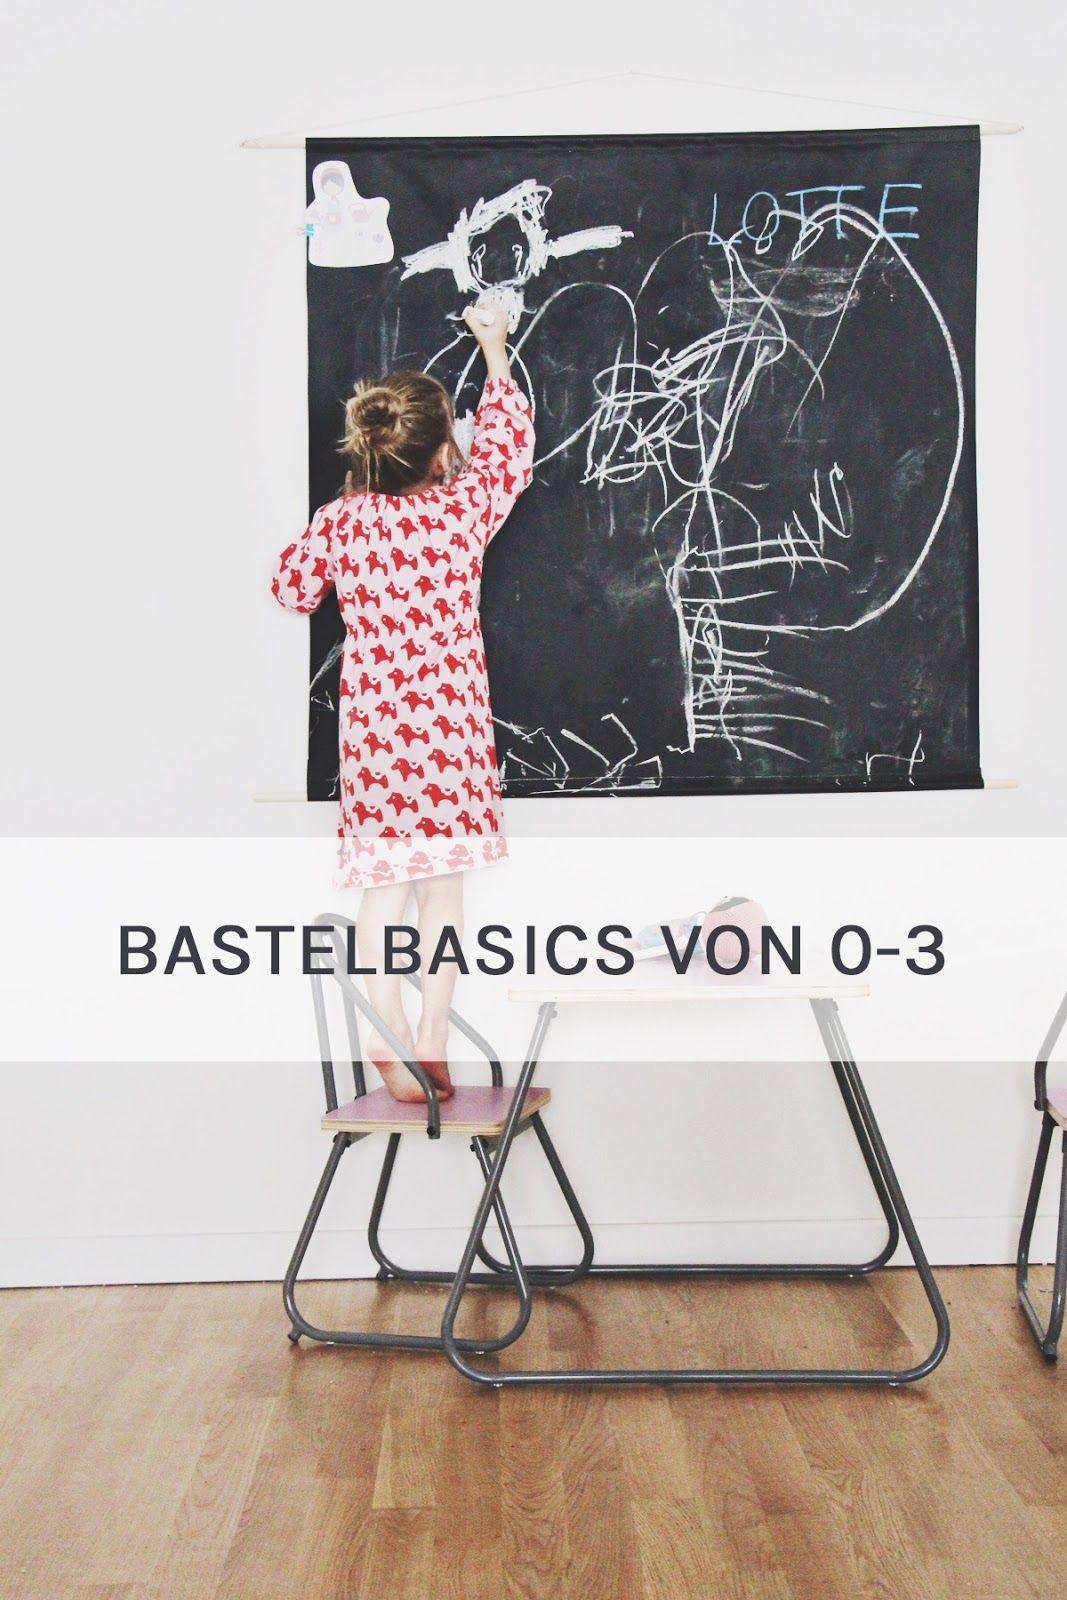 die besten 25 bastelmaterial ideen auf pinterest basteln mit kindern herbst sommerferien. Black Bedroom Furniture Sets. Home Design Ideas